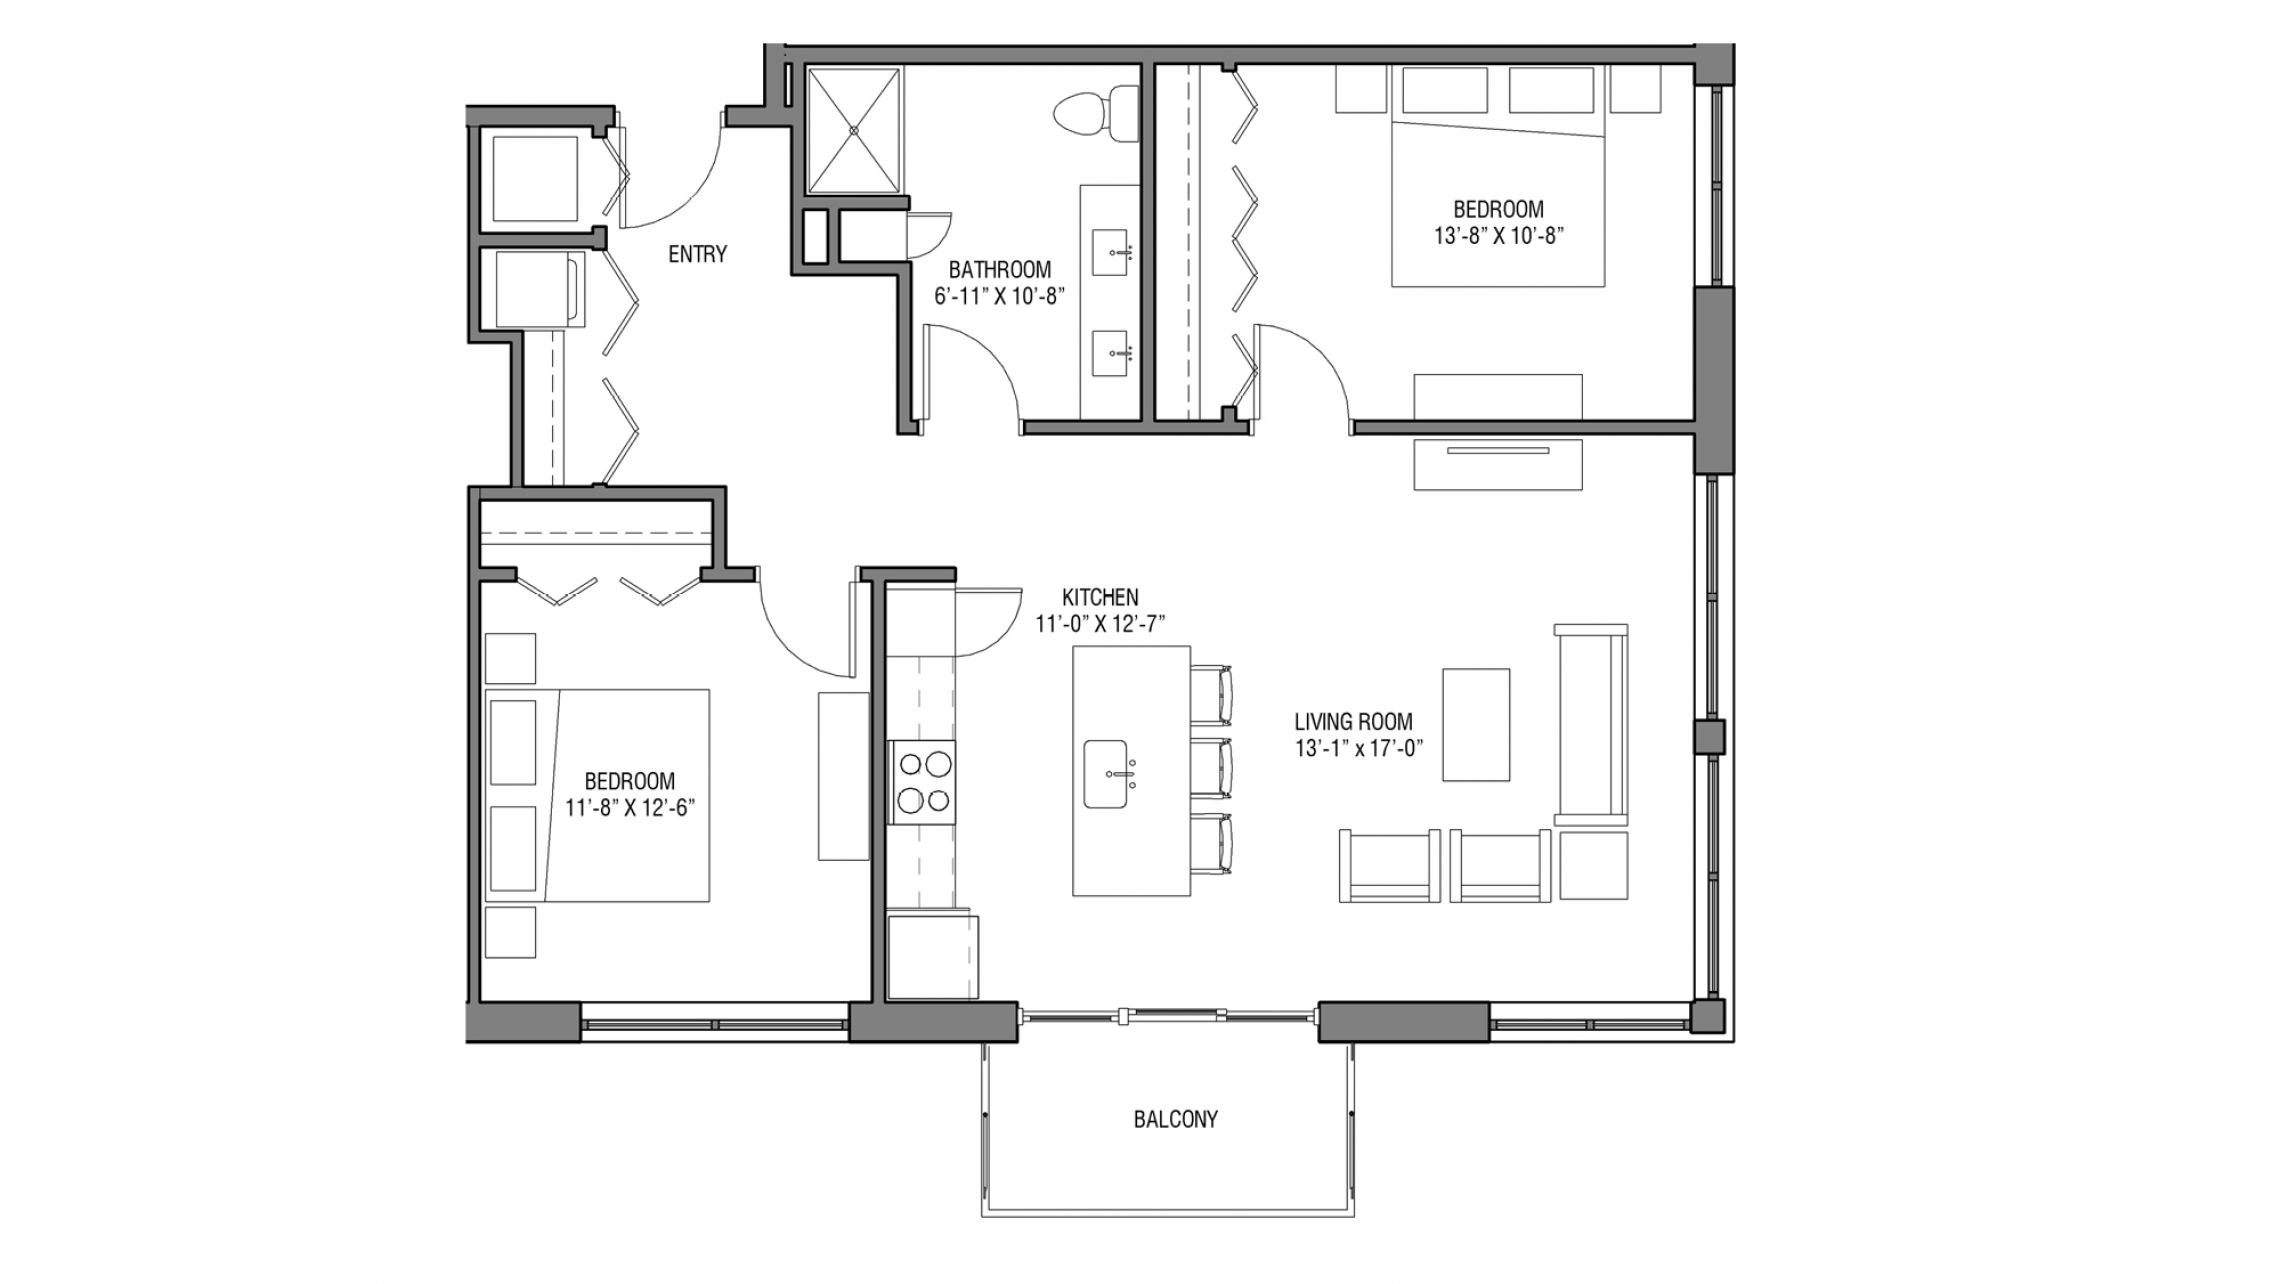 ULI Nine Line 205 - Two Bedroom, One Bathroom